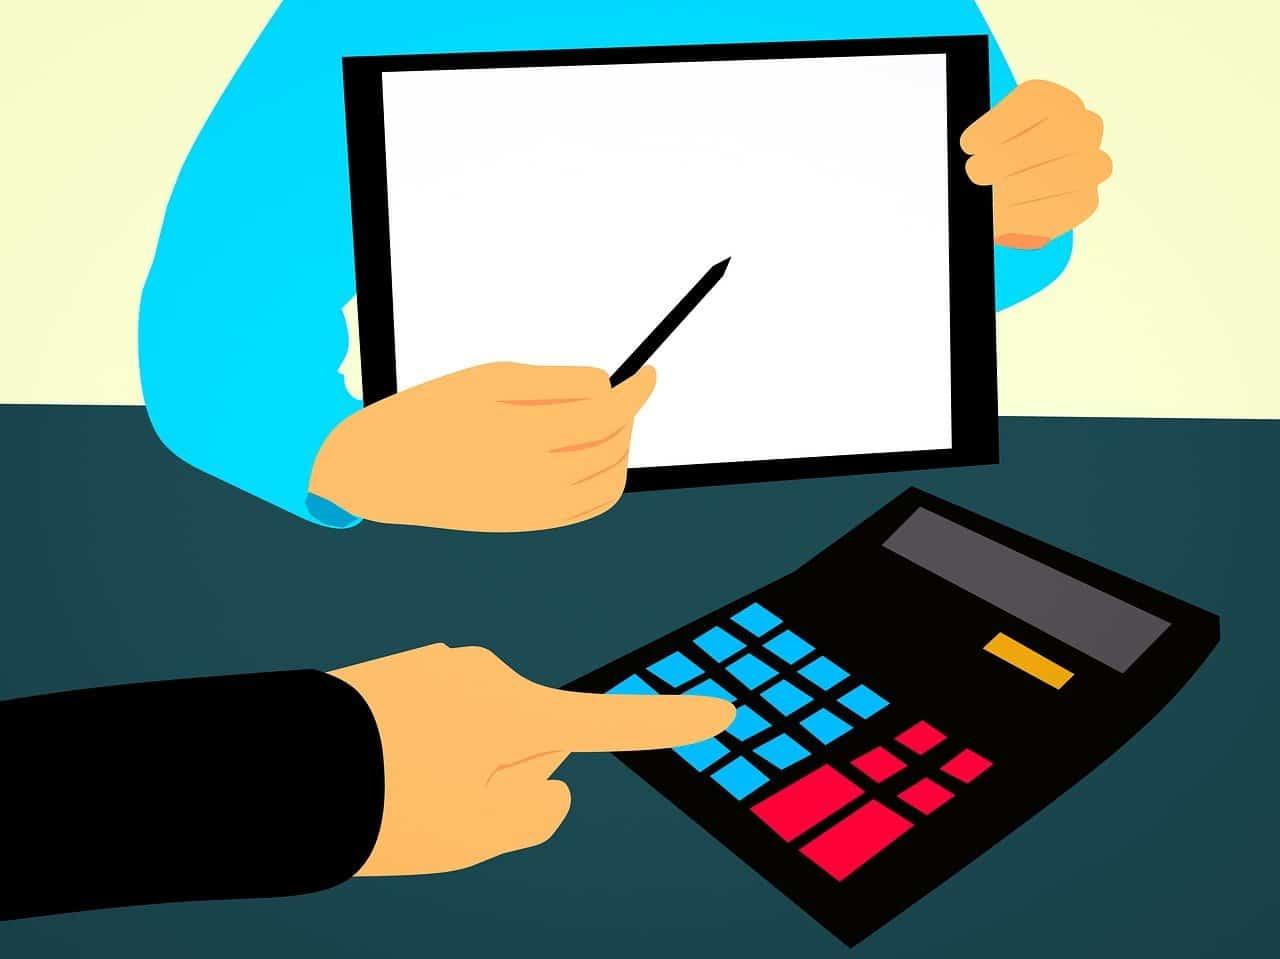 ייעוץ עסקי להתנהלות פיננסית נכונה